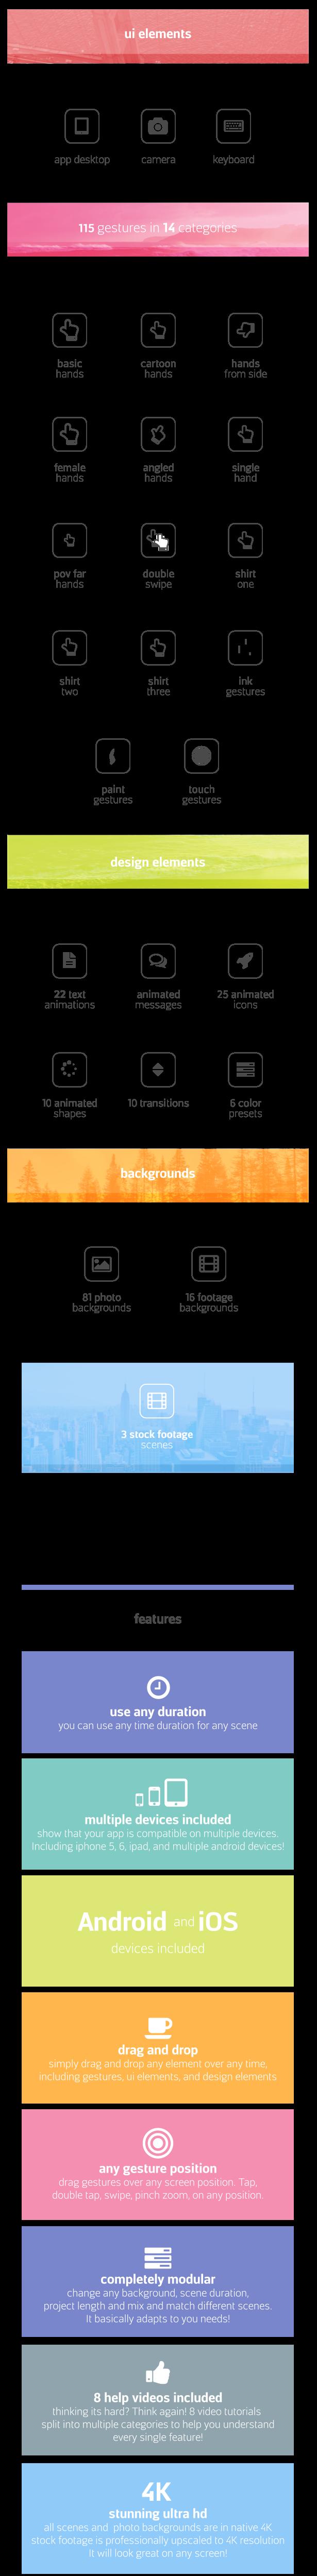 پروژه افترافکت مجموعه ابزار جامع ساخت تیزر تبلیغاتی اپلیکیشن